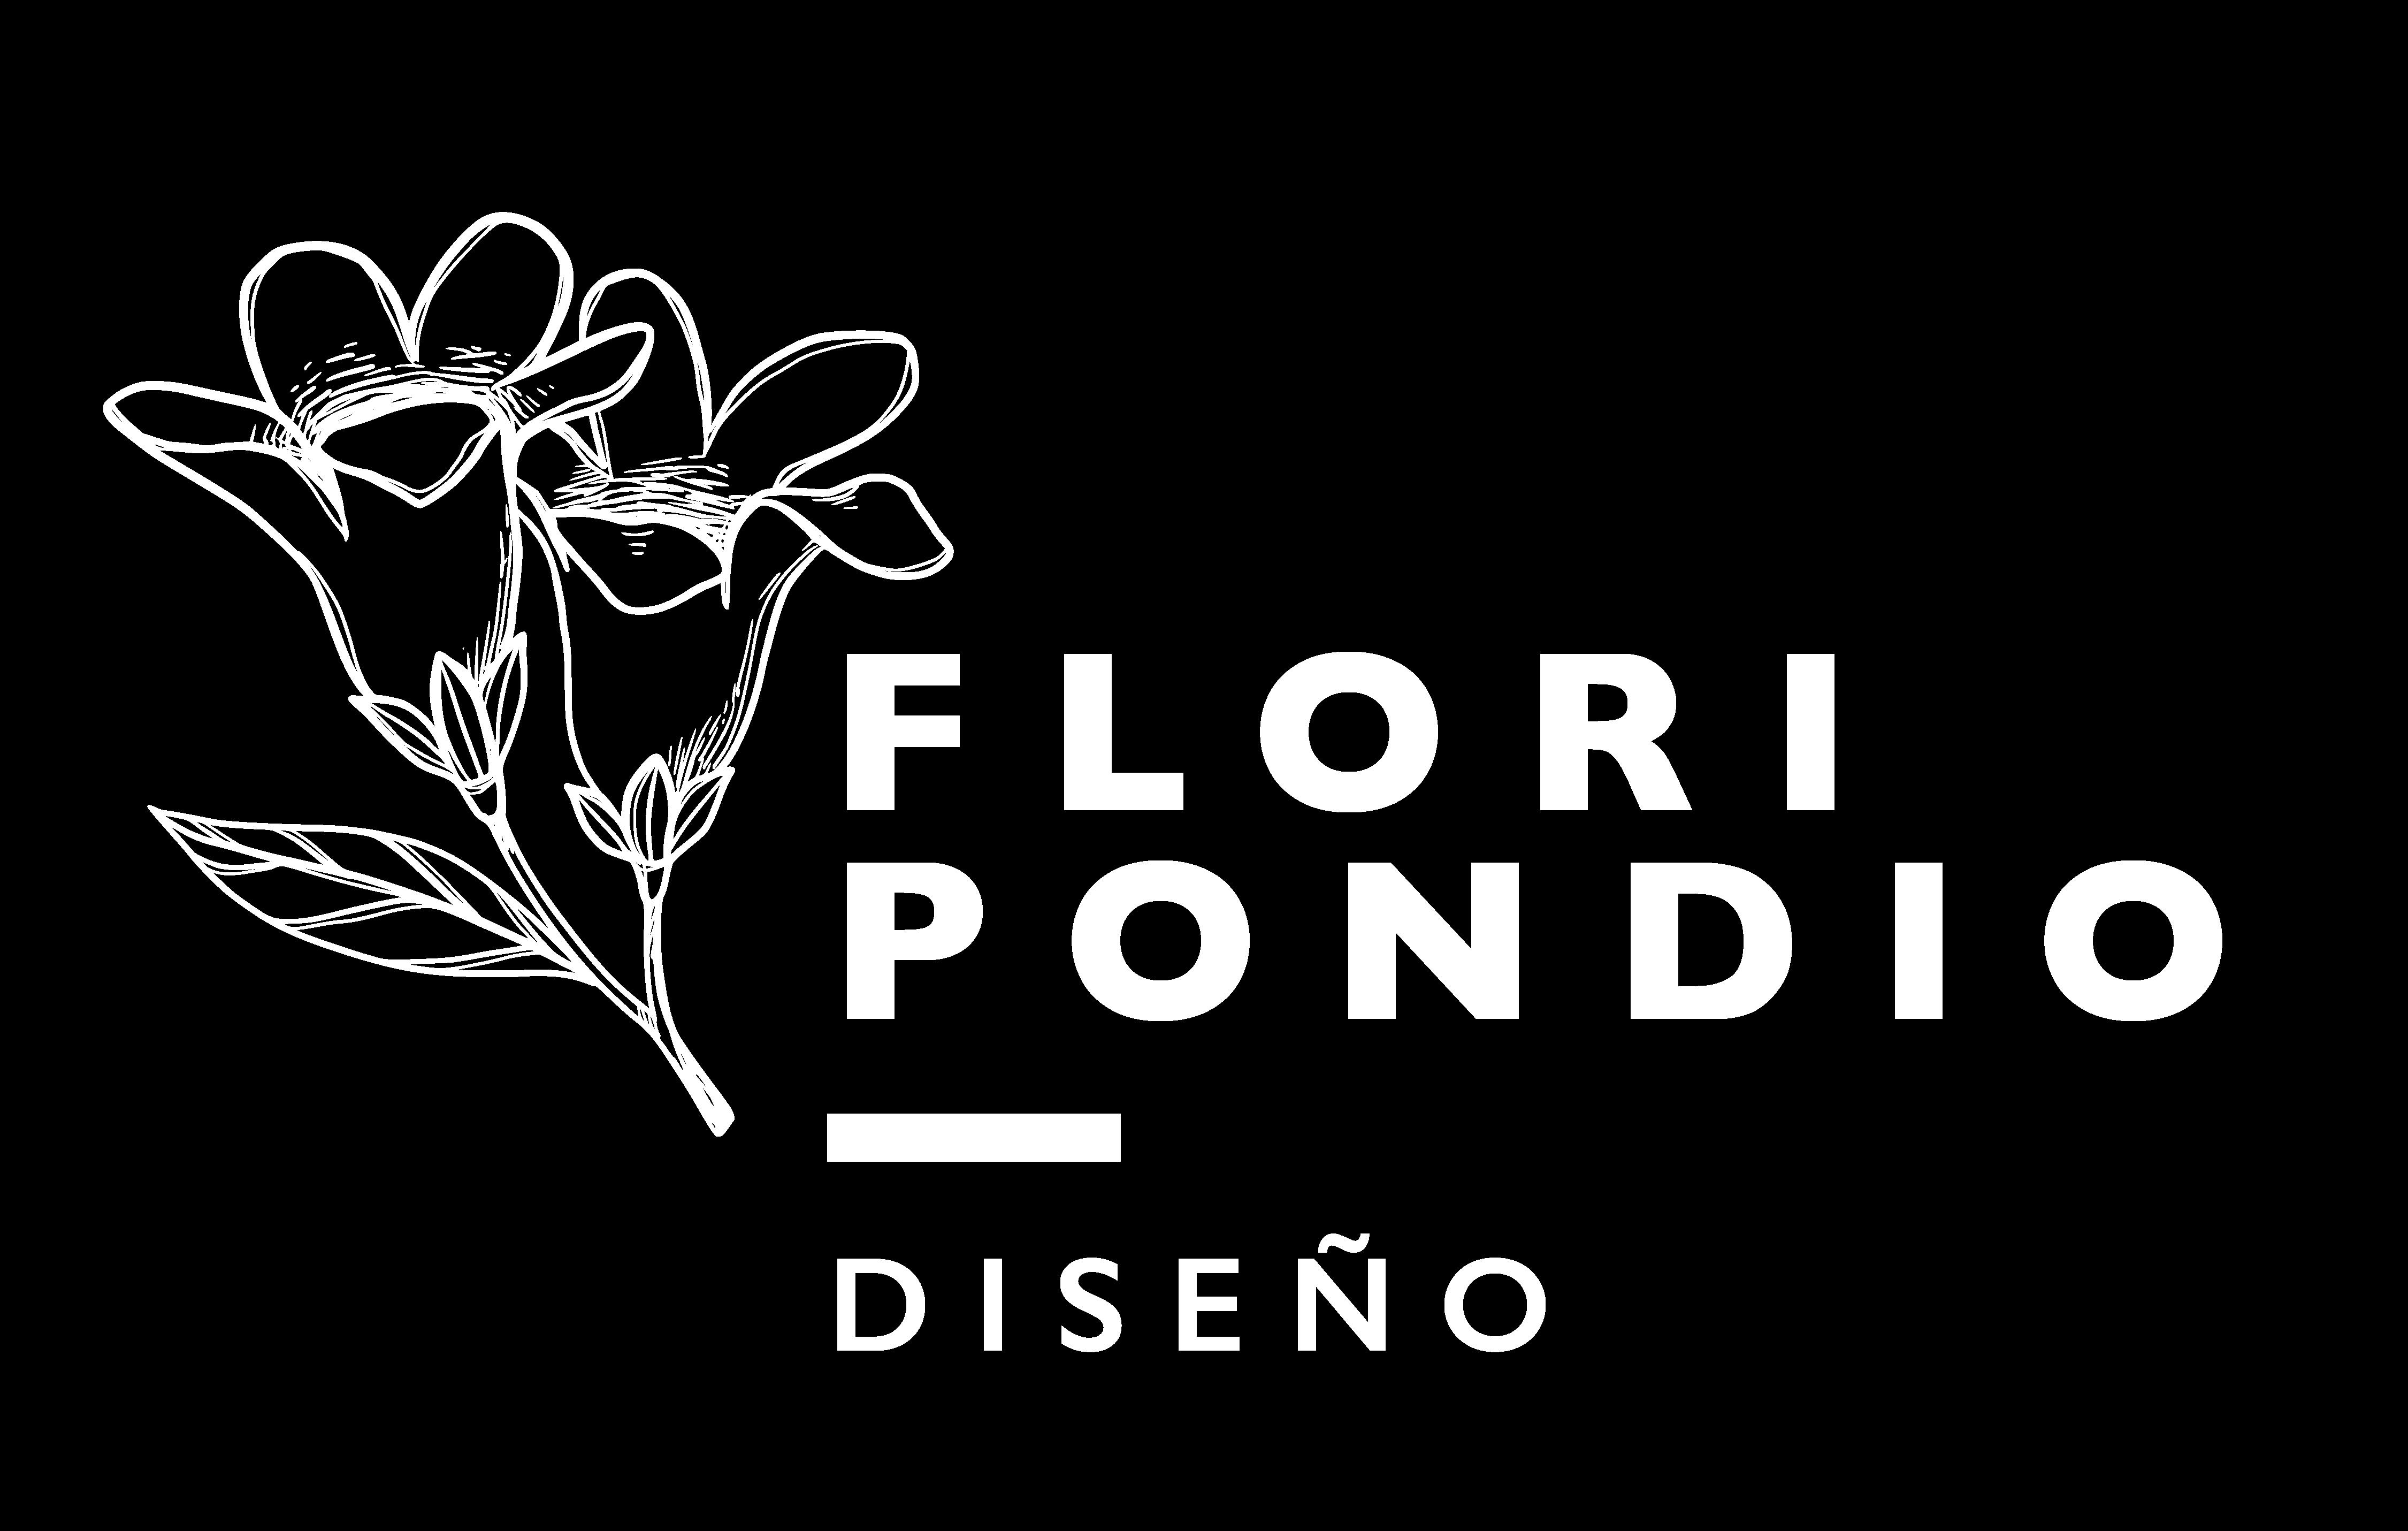 Floripondio - Diseño Gráfico & Web